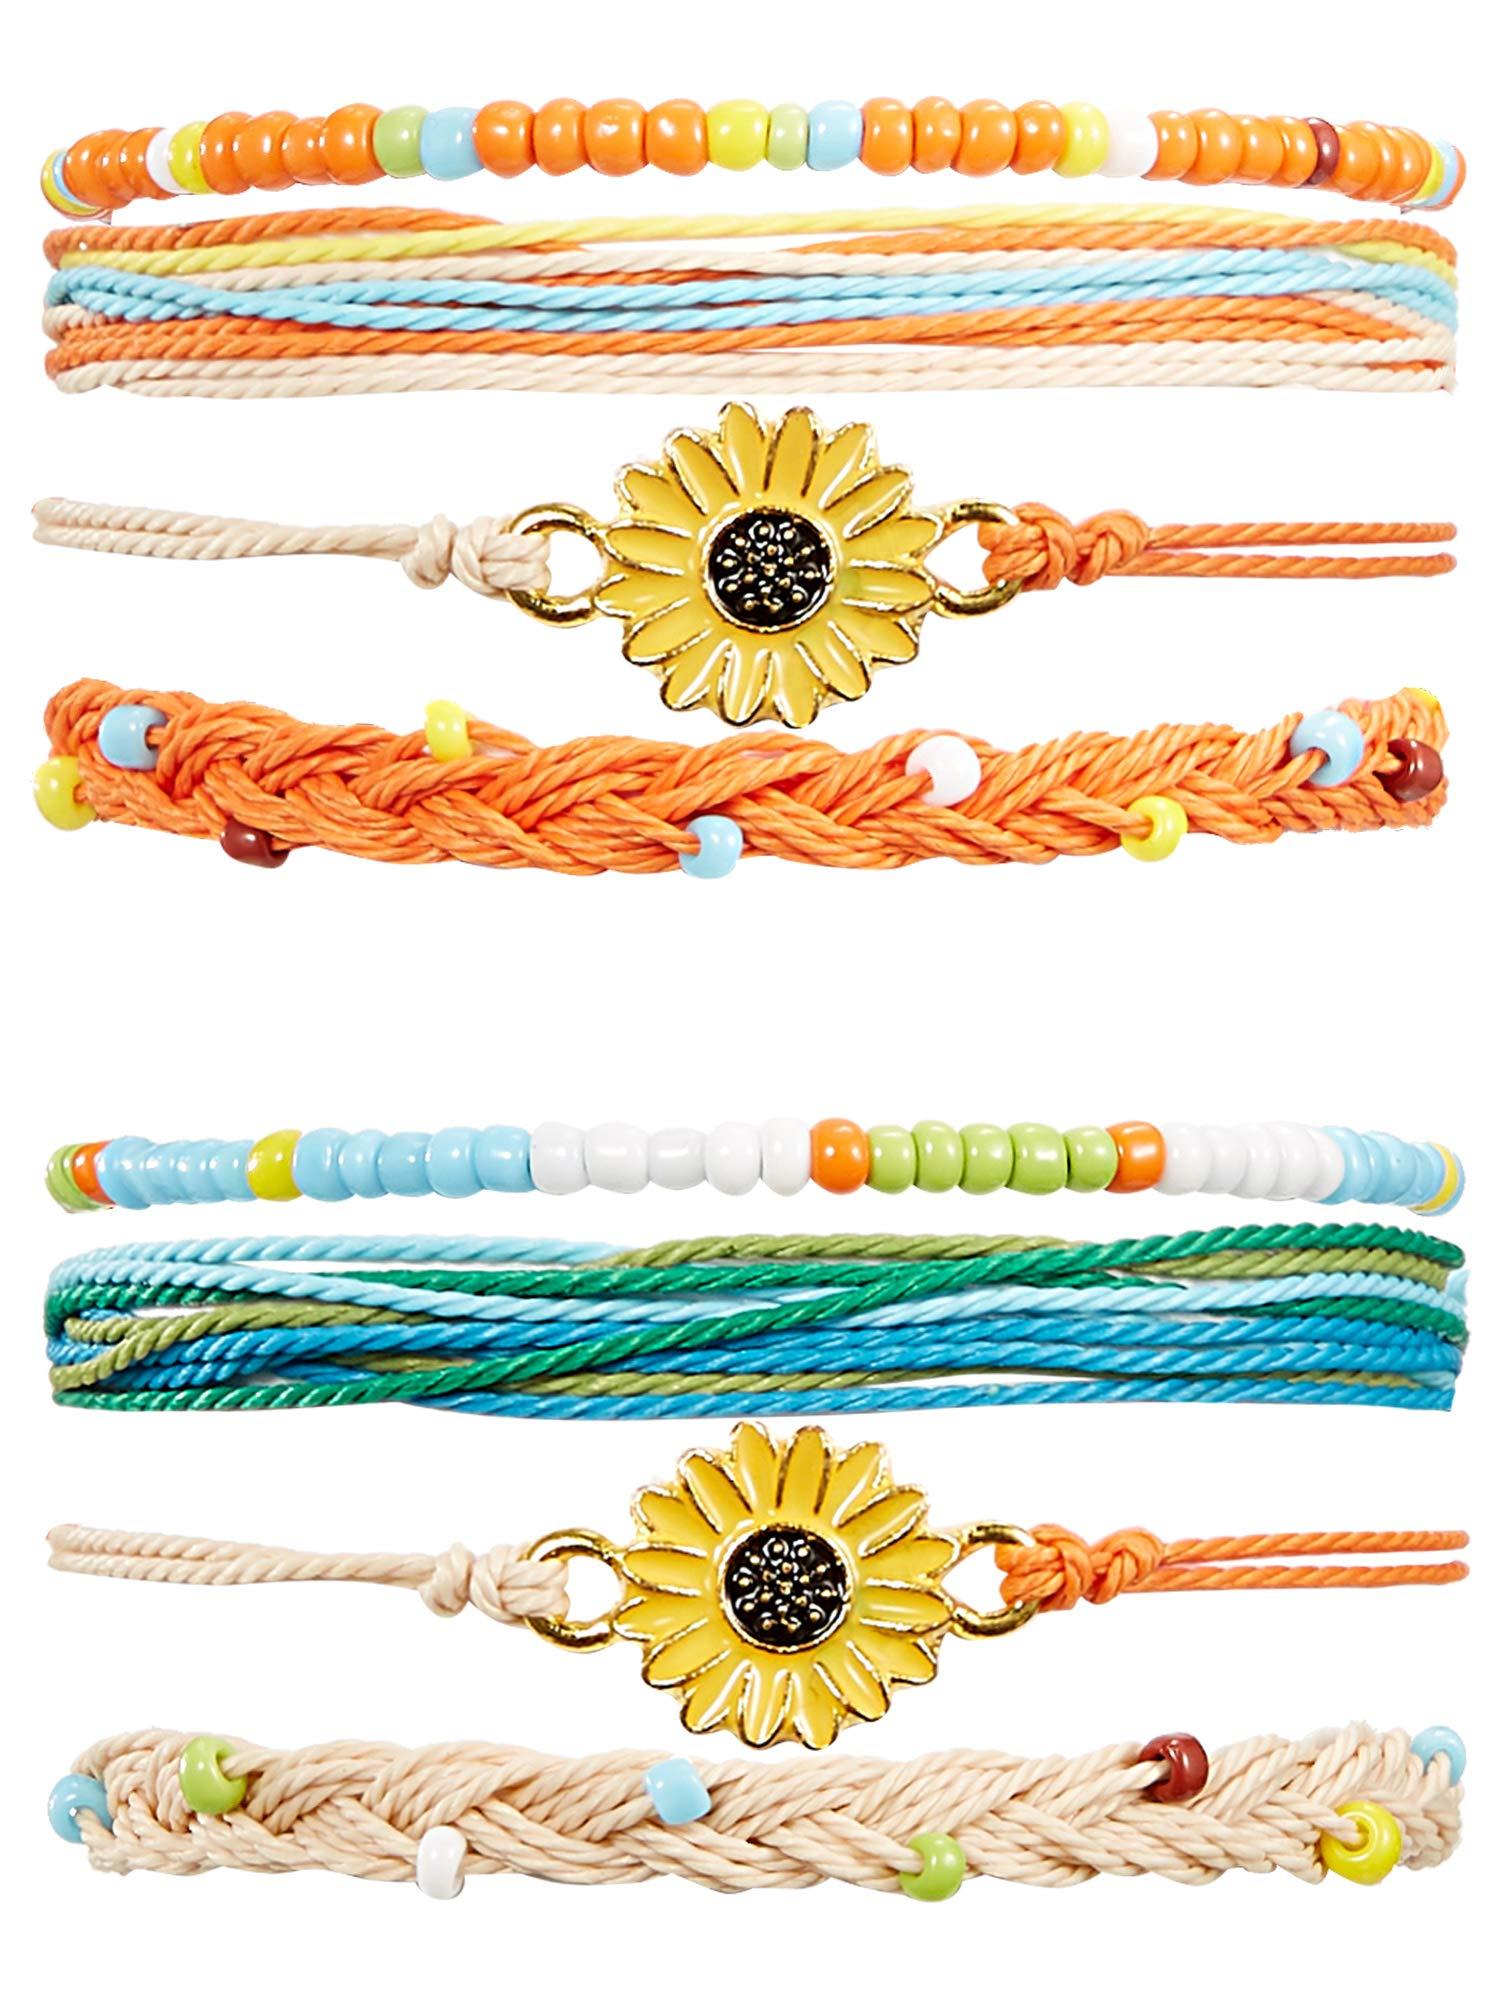 meekoo 2 Sets Braided Rope Bracelets Handmade Sunflower Bracelets Beaded Boho Waterproof Bracelets Friendship Bracelets for Women Girls (Blue, Orange) by meekoo